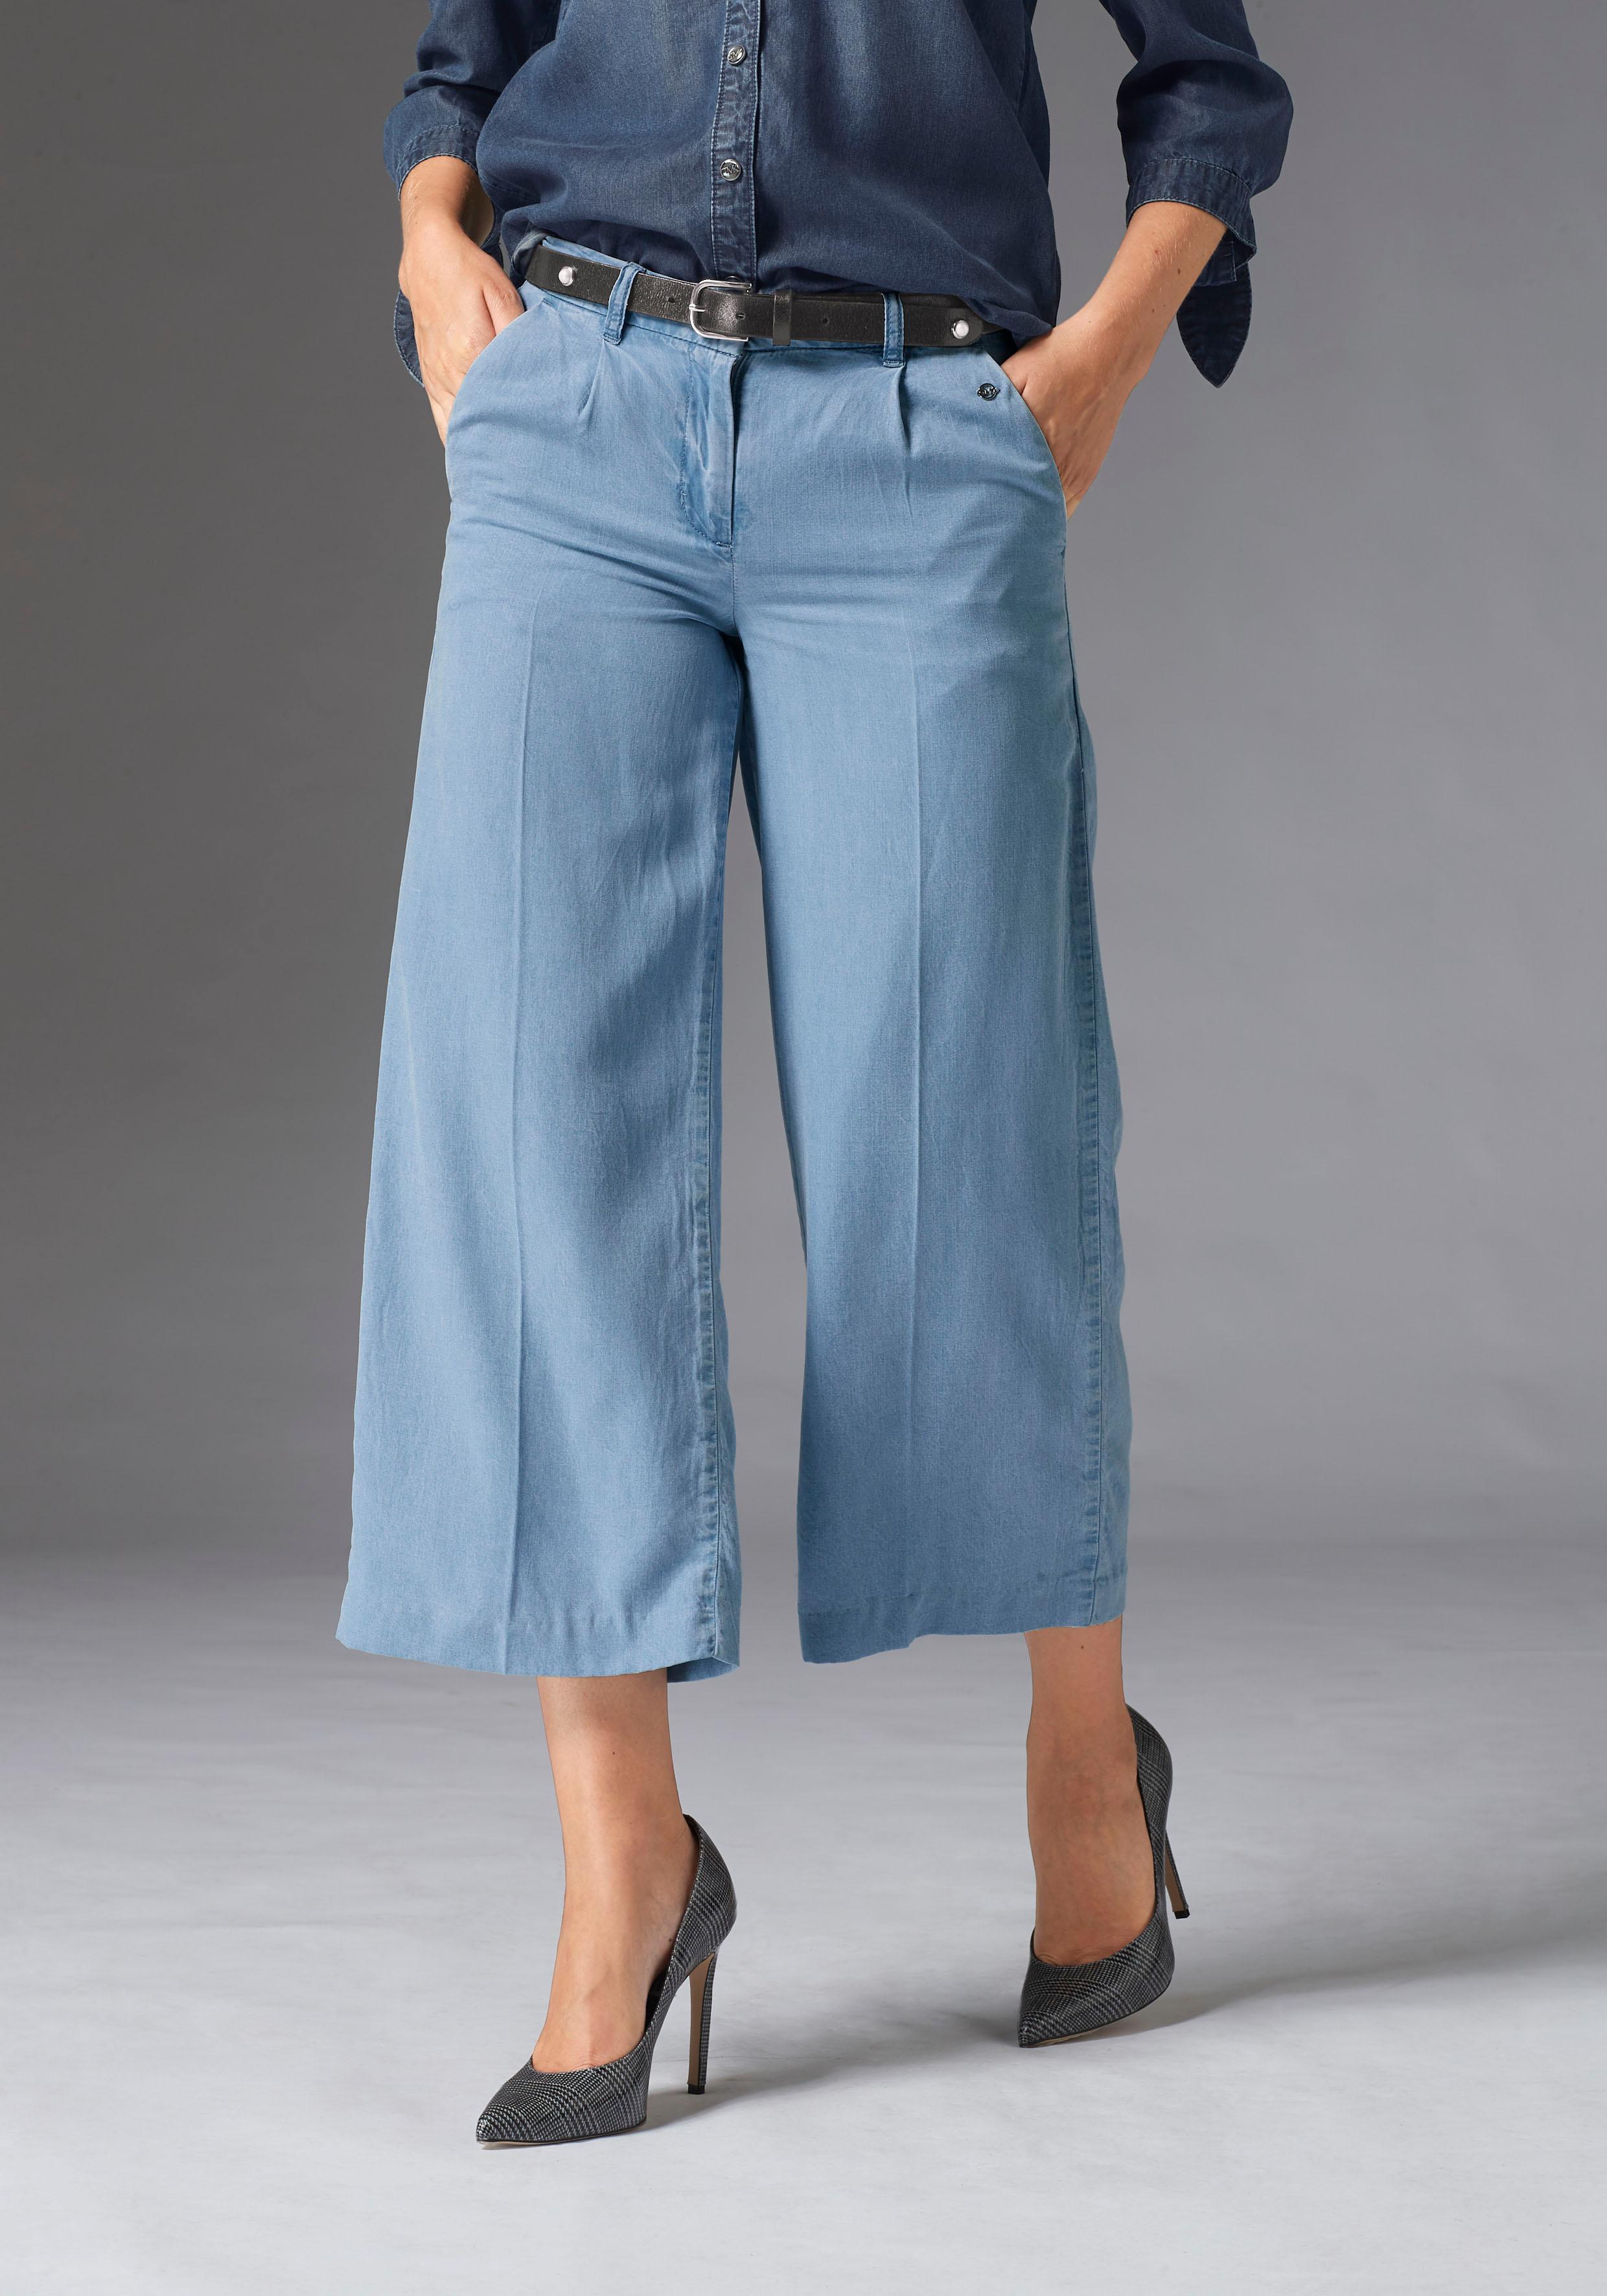 GUIDO MARIA KRETSCHMER Culotte | Bekleidung > Jeans > Weite Jeans | Blau | Guido Maria Kretschmer